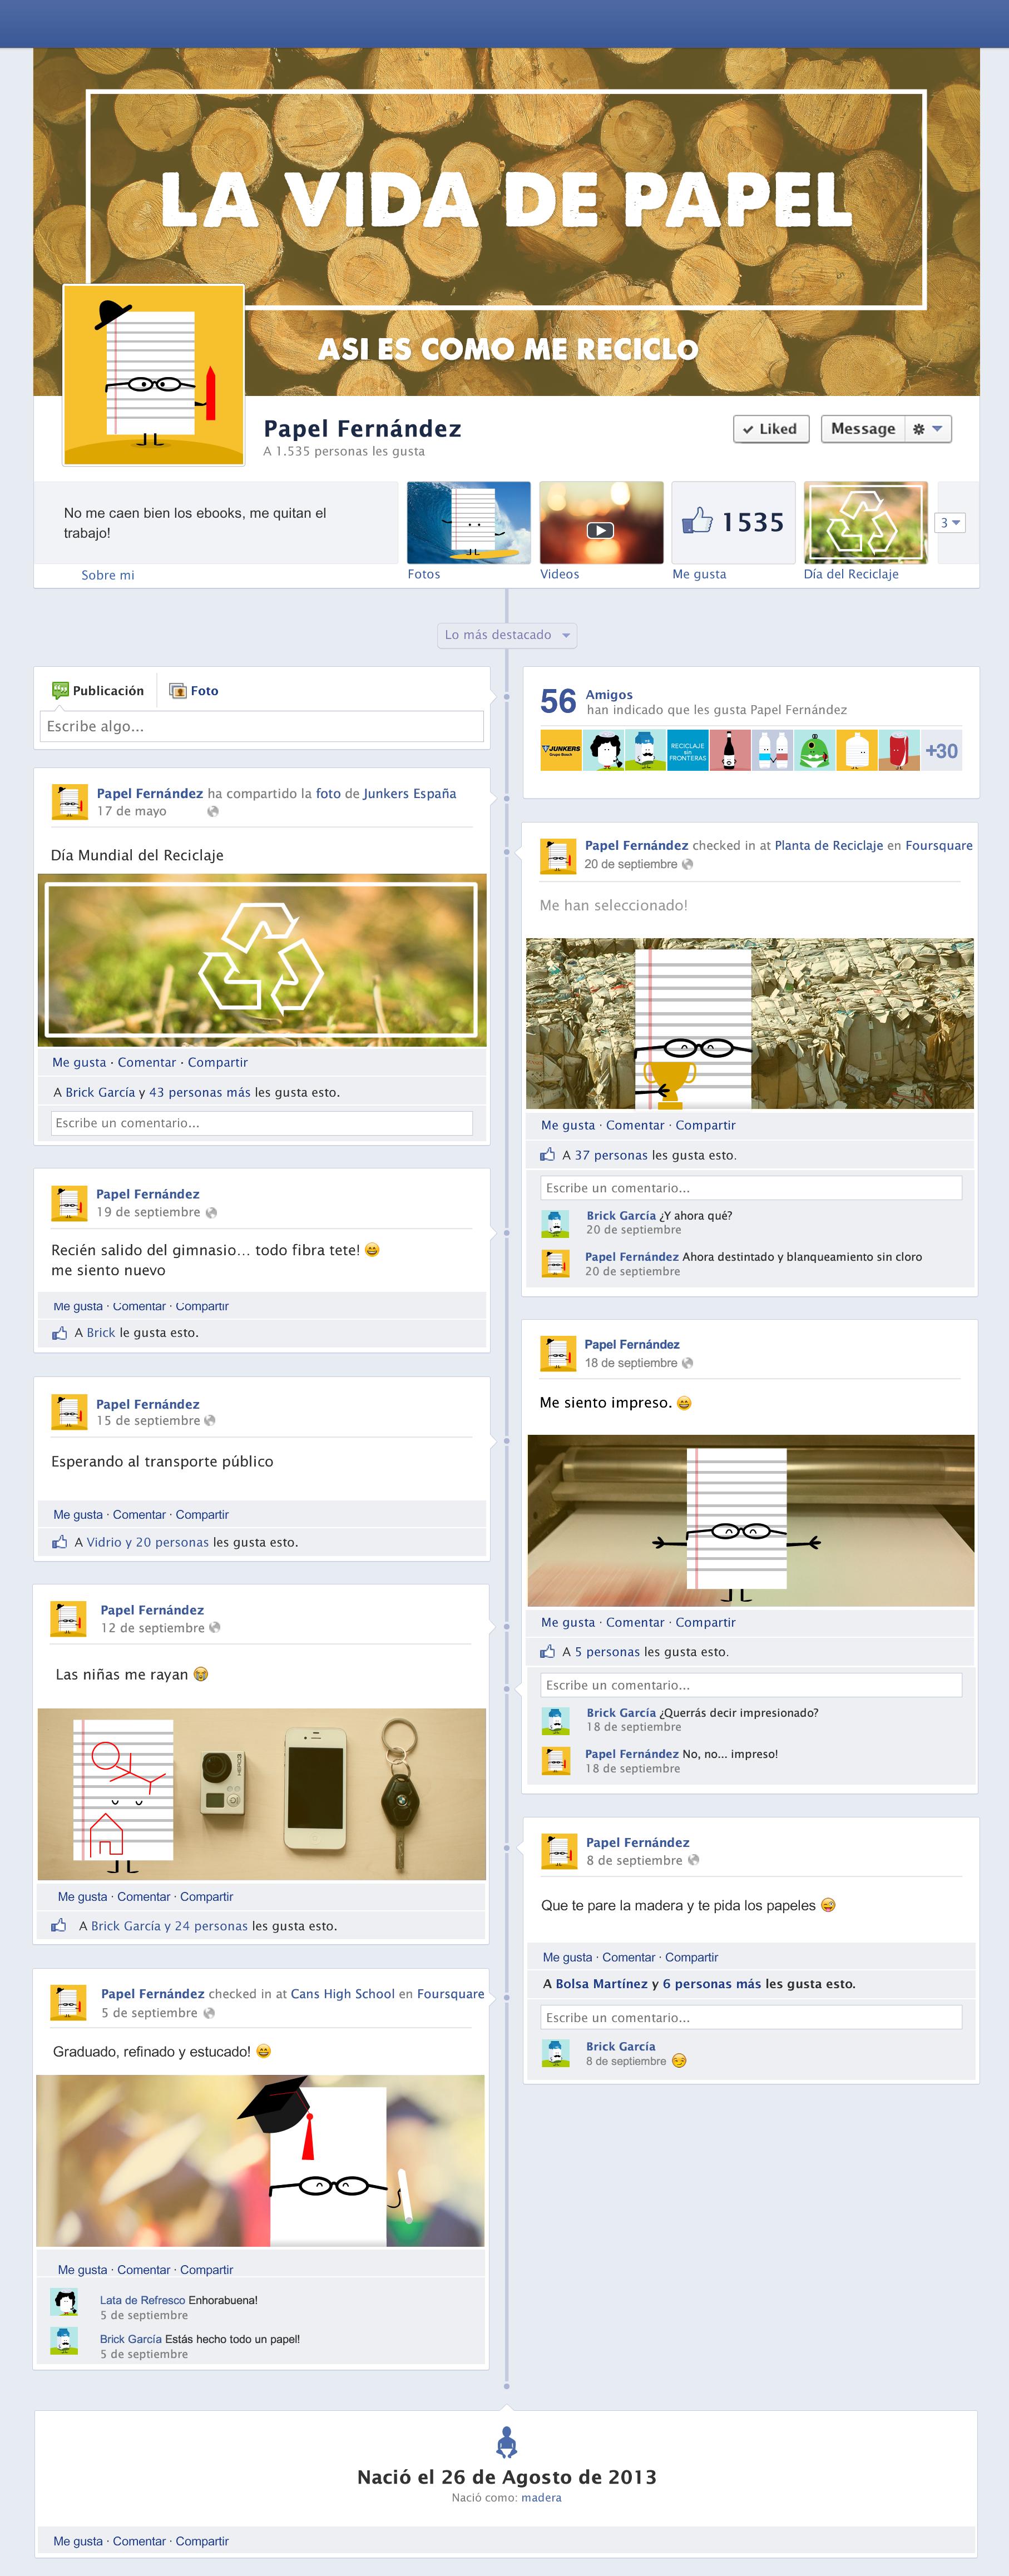 """La vida de papel """"Así es como me reciclo"""", un  interesante y curioso perfil de Facebook que no te dejará indiferente :)"""